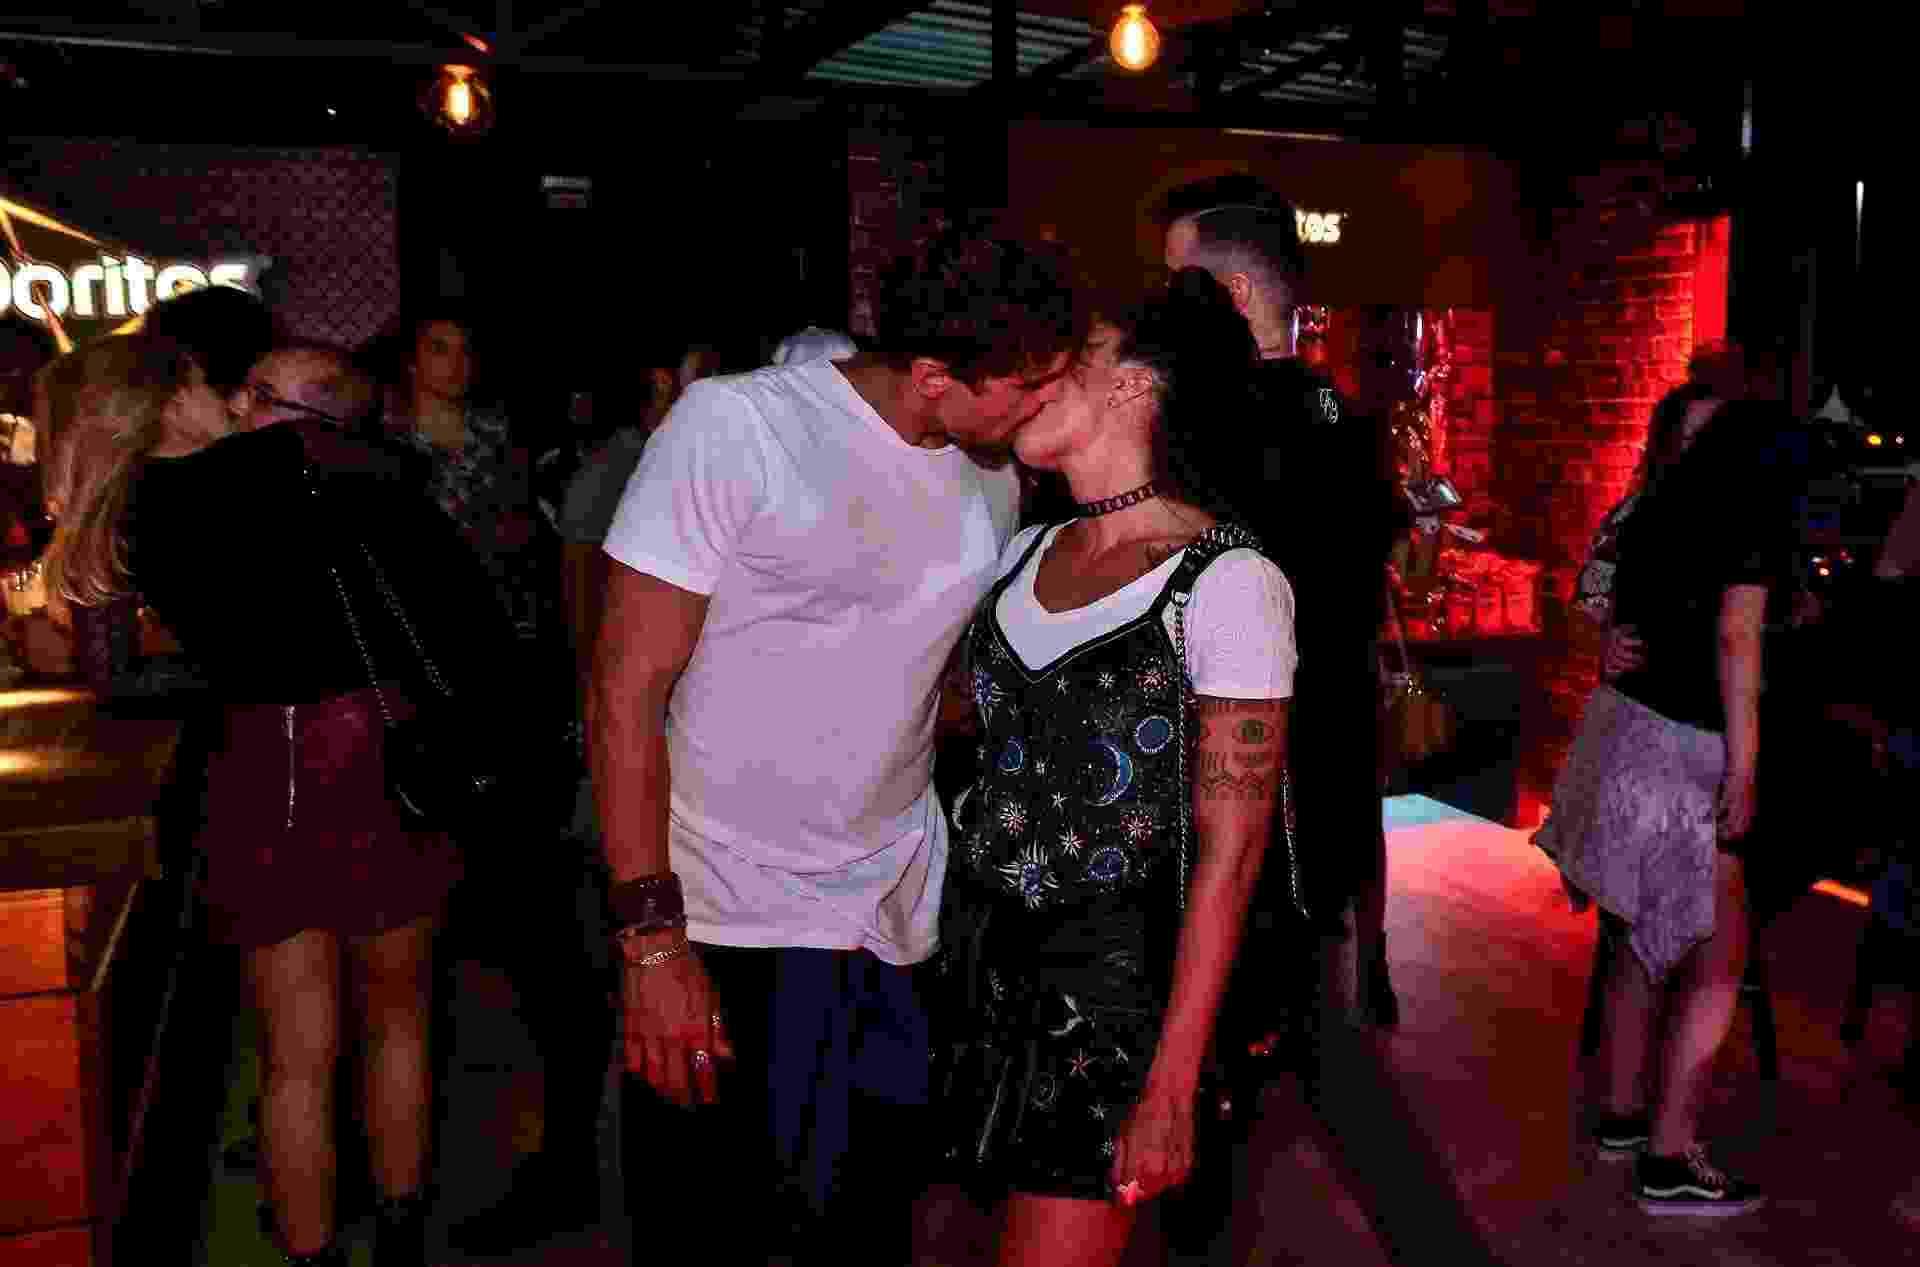 Juntos há 1 ano e 6 meses, Felipe Roque e Aline Riscado trocam beijos em camarote na primeira noite do Rock in Rio - Felipe Panfili/Divulgação